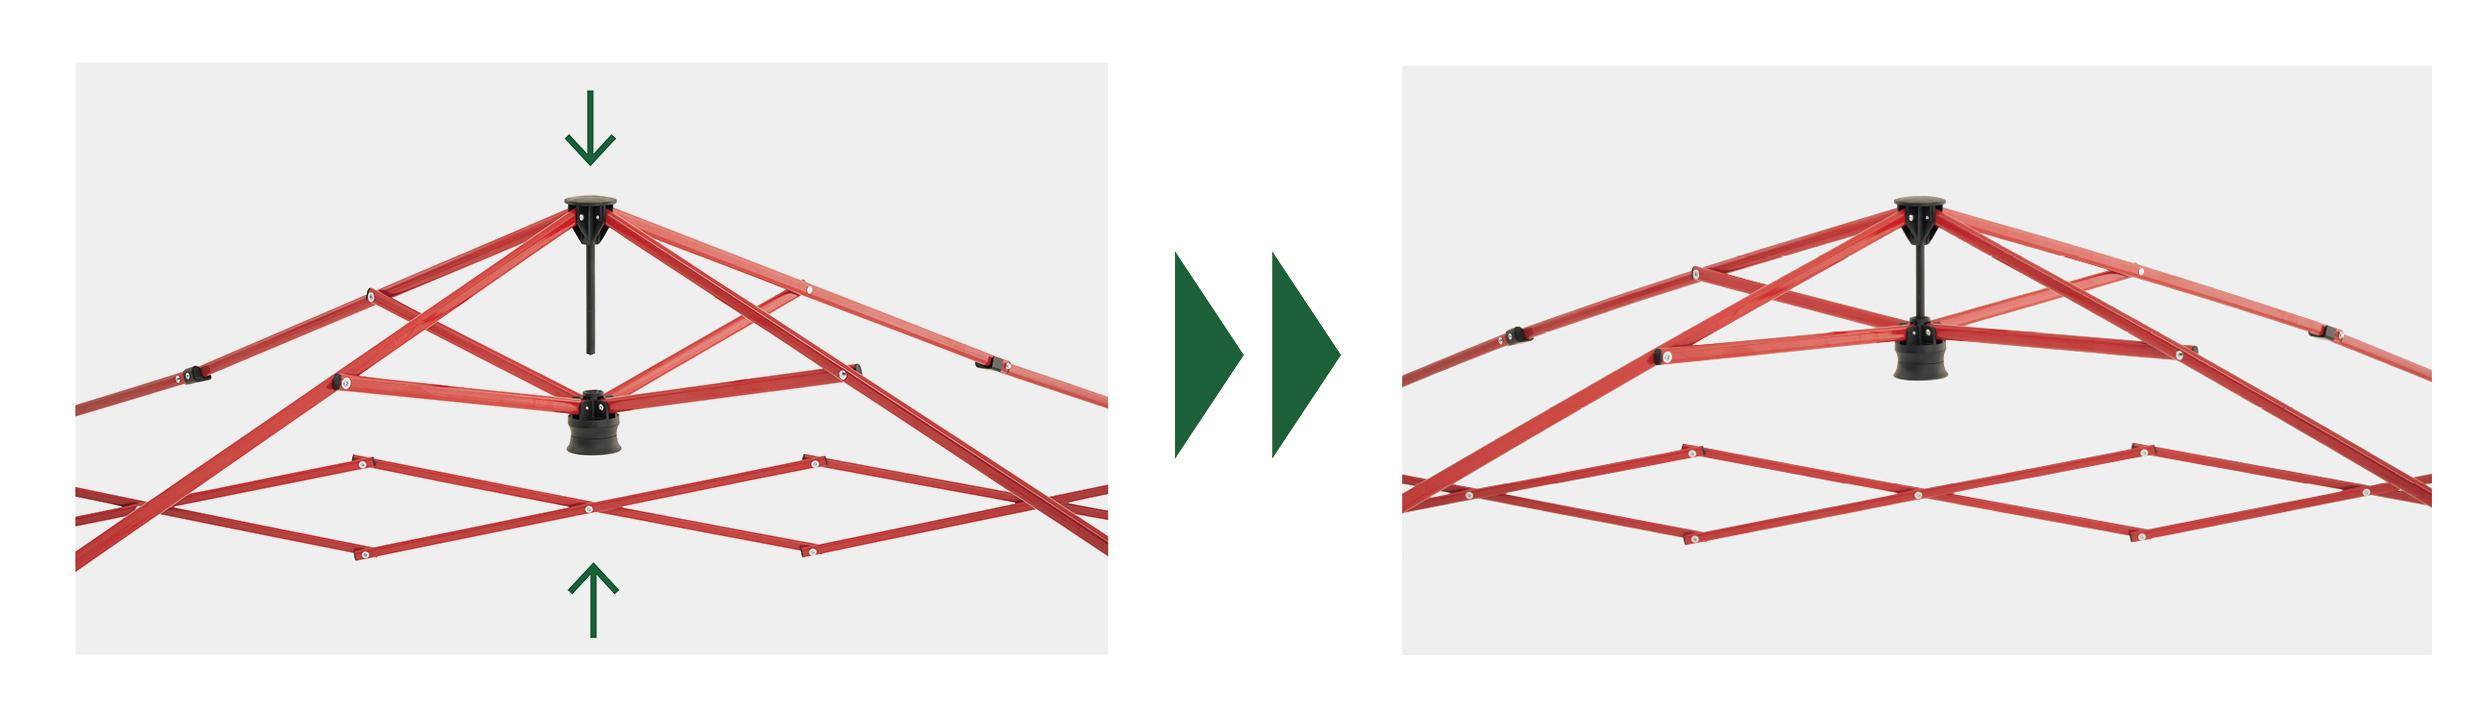 ワンアクションで簡単にセットできる、「Q-TOPシステム」を採用